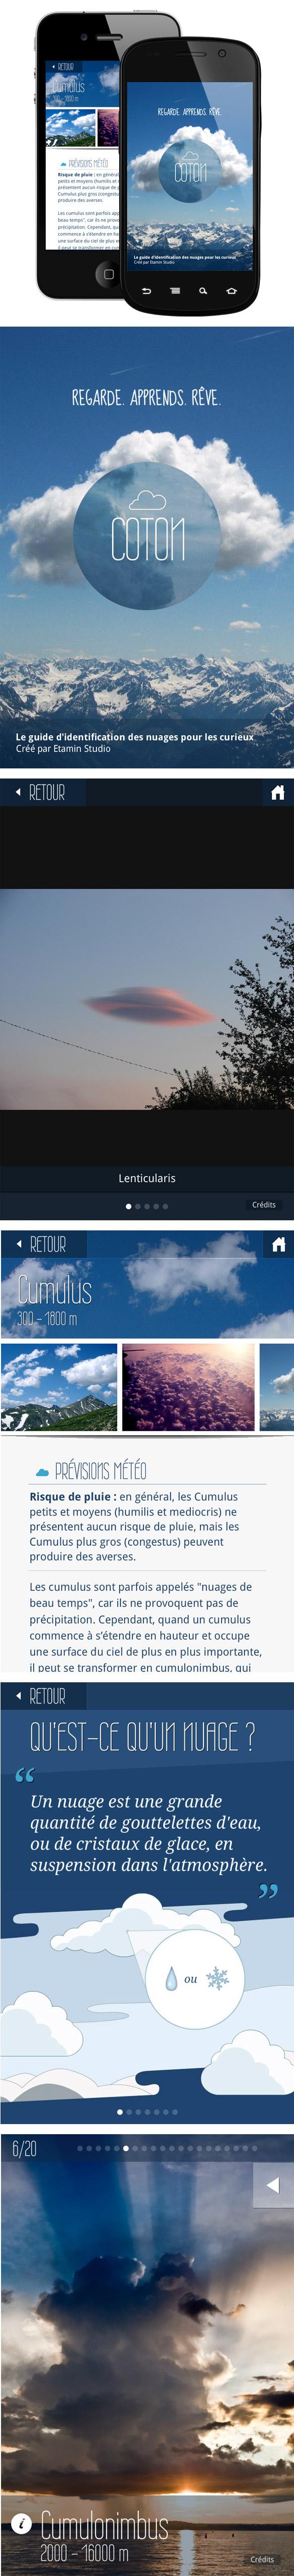 nuage2 Coton, une application mobile pour découvrir les nuages :)